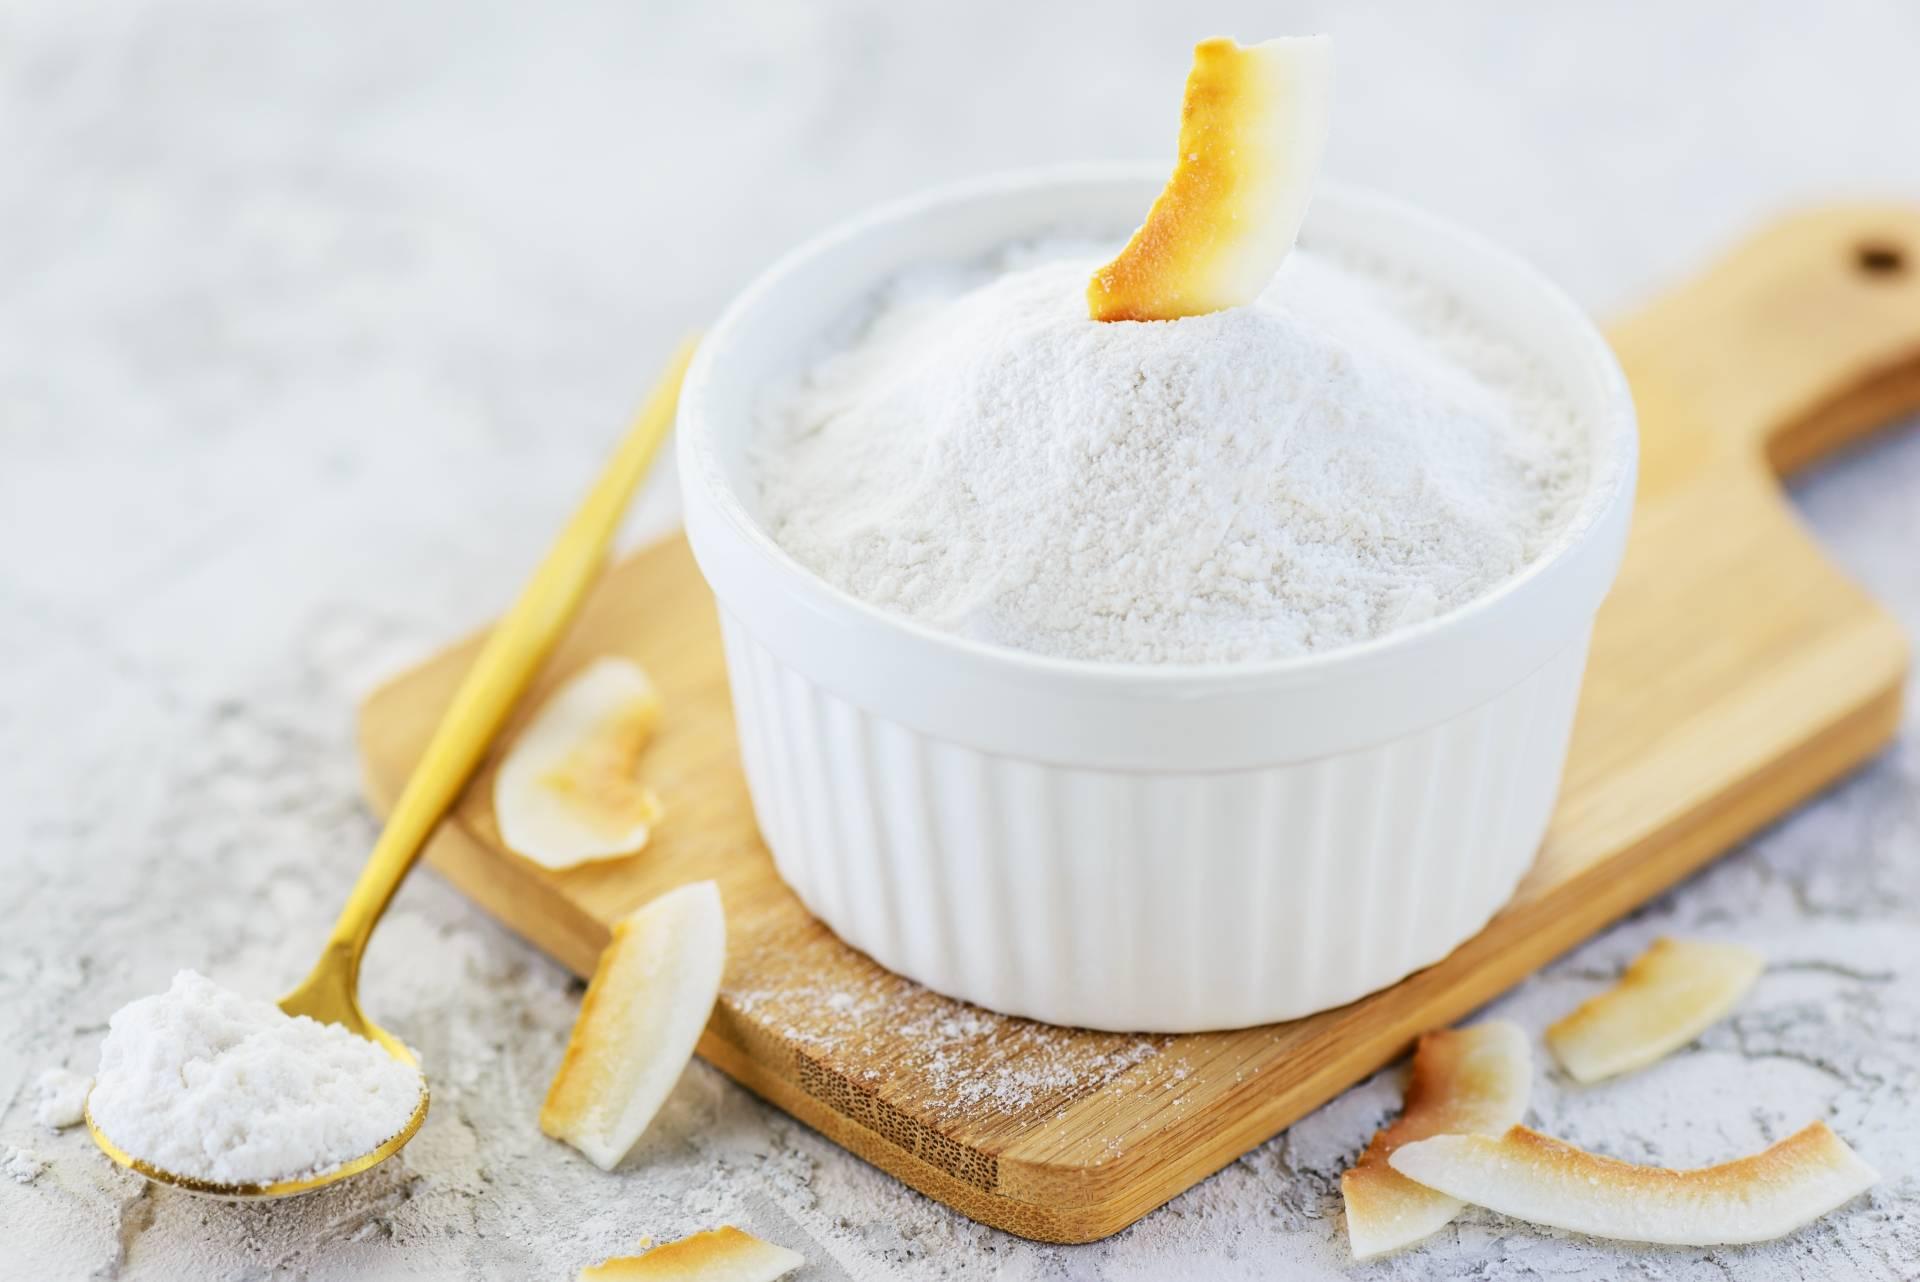 Mąka kokosowa w białej miseczce z kawałkami kokosa na drewnianej desce do krojenia.